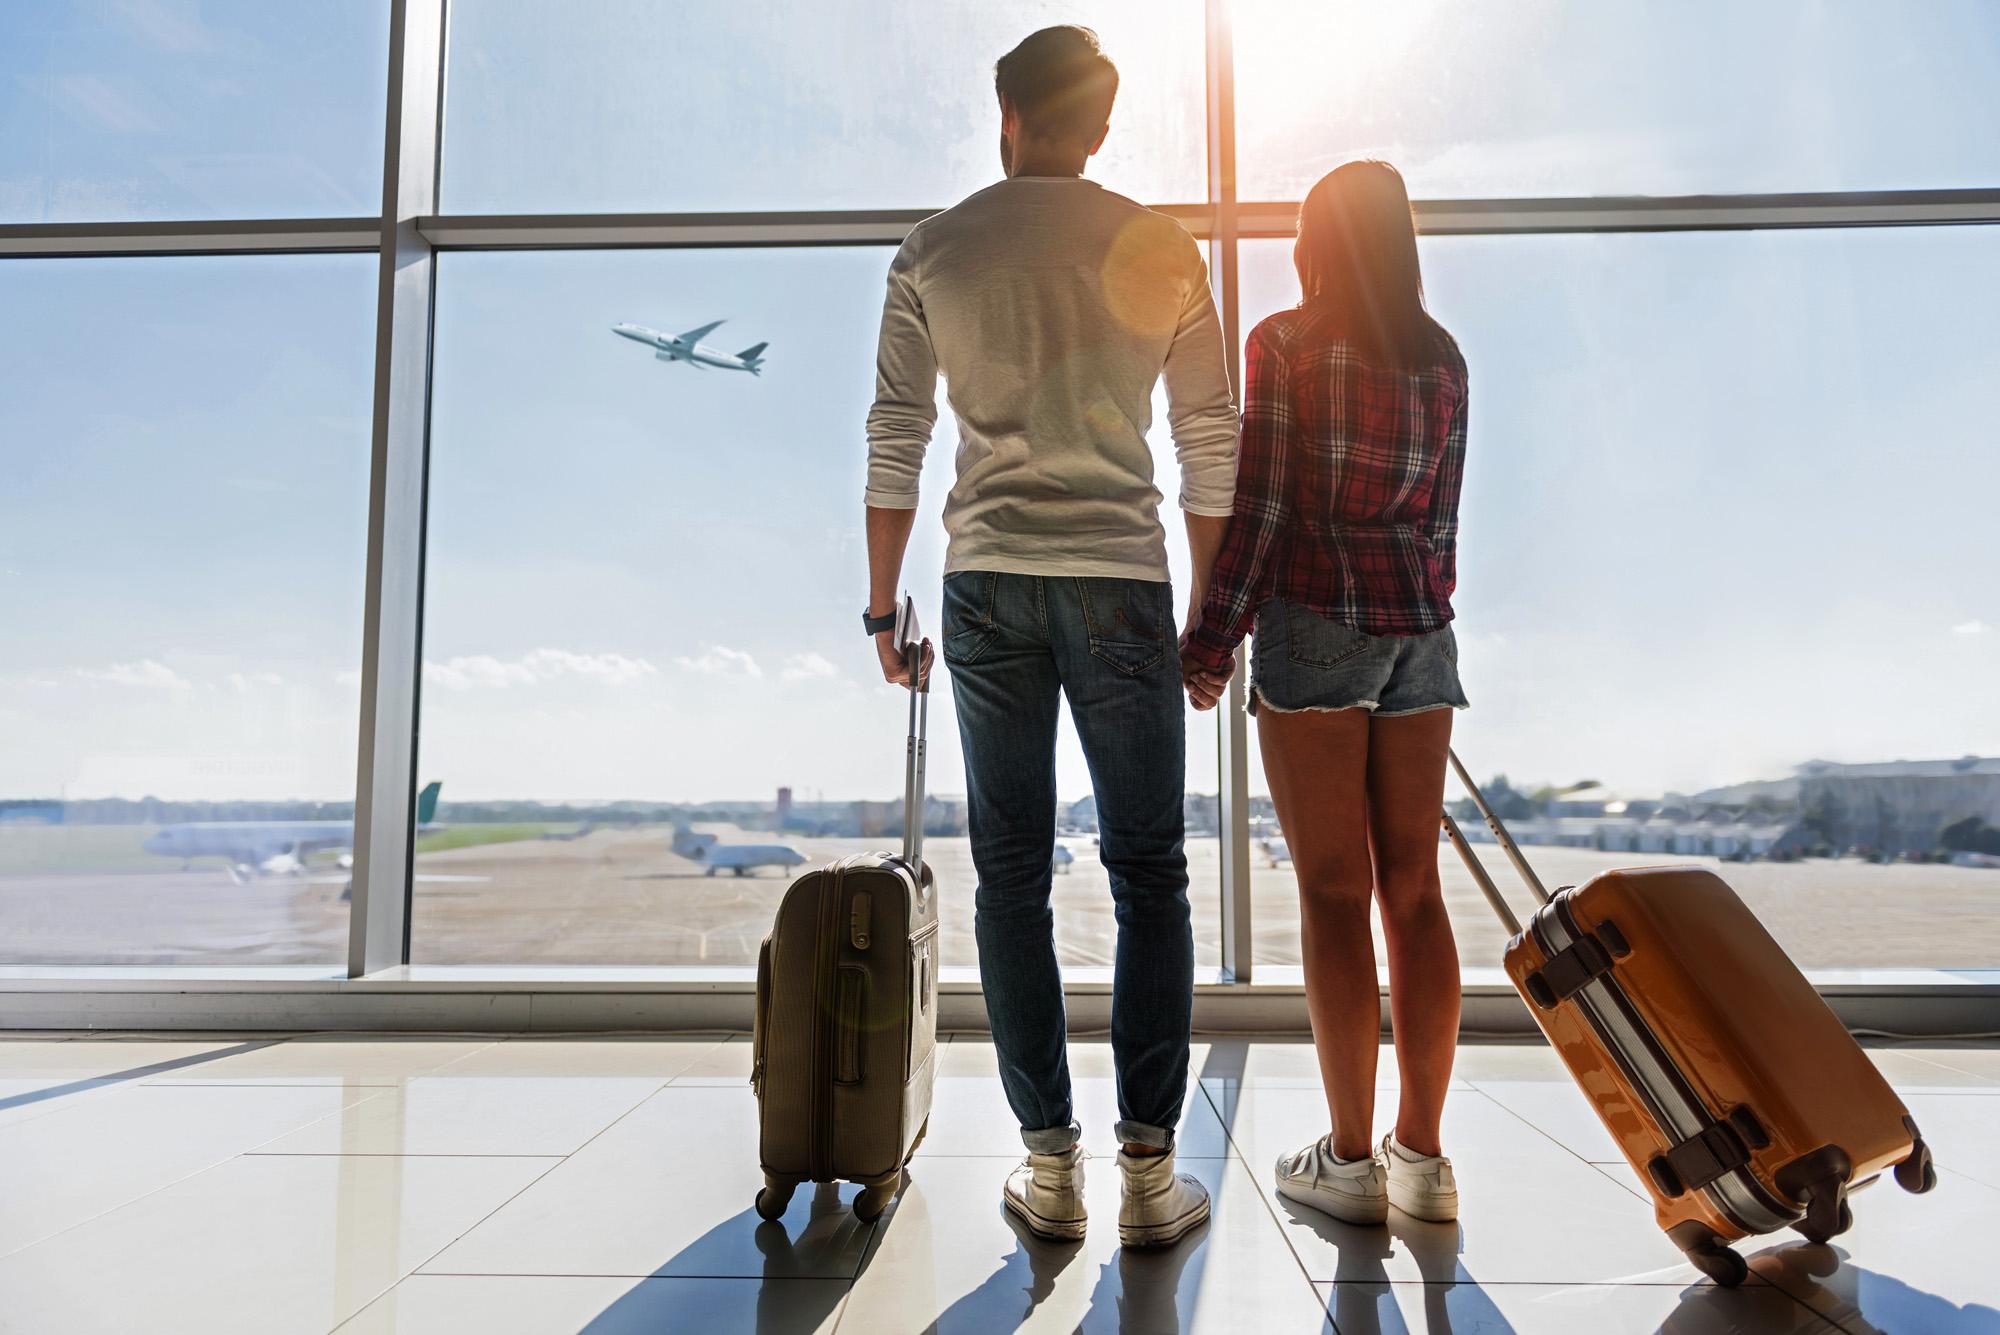 Aérien - Europe : quelles sont les destinations gagnantes de l'été dernier ?